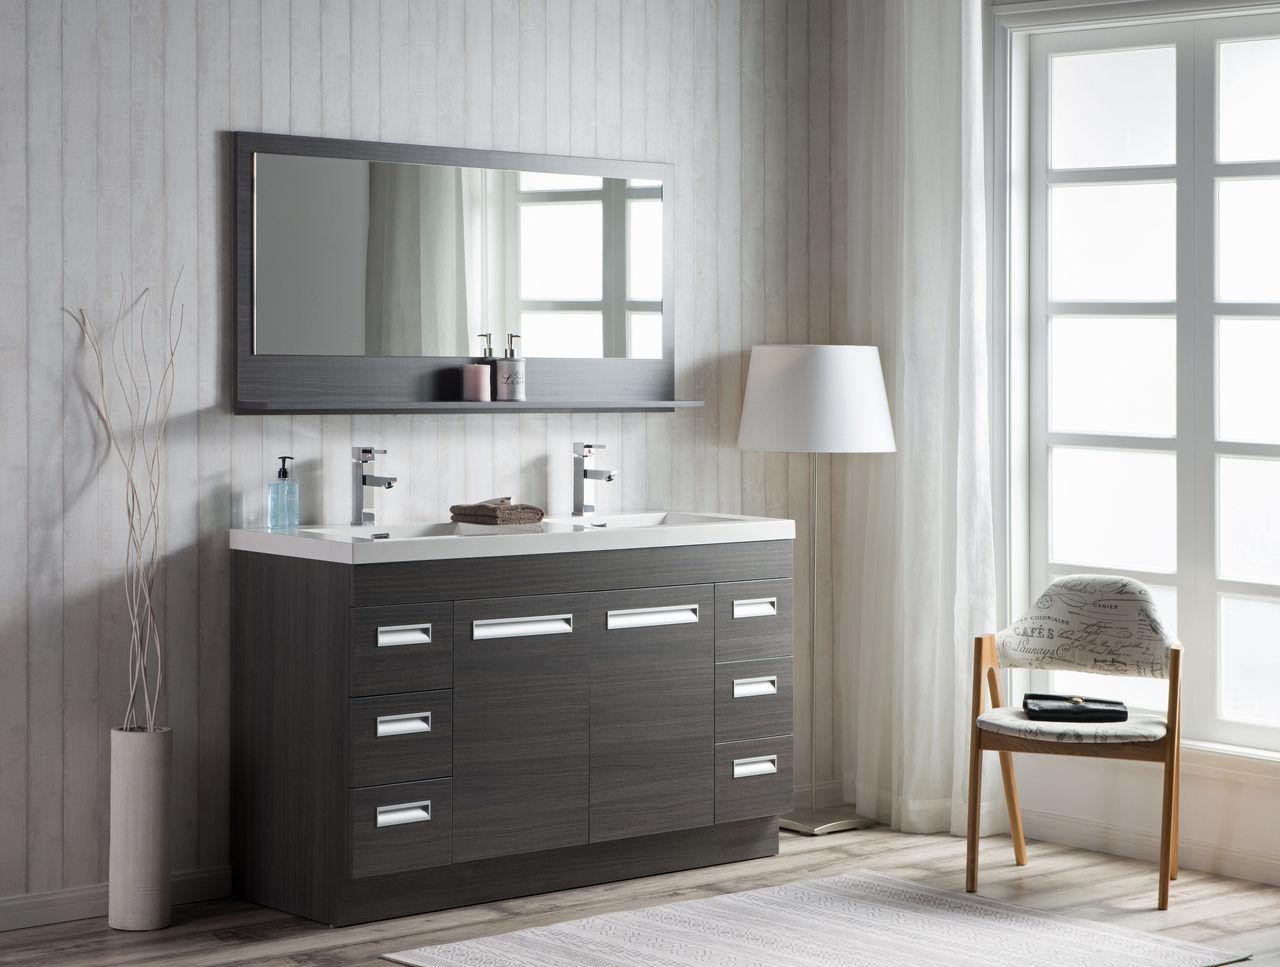 Free Standing Modern Bathroom Vanity